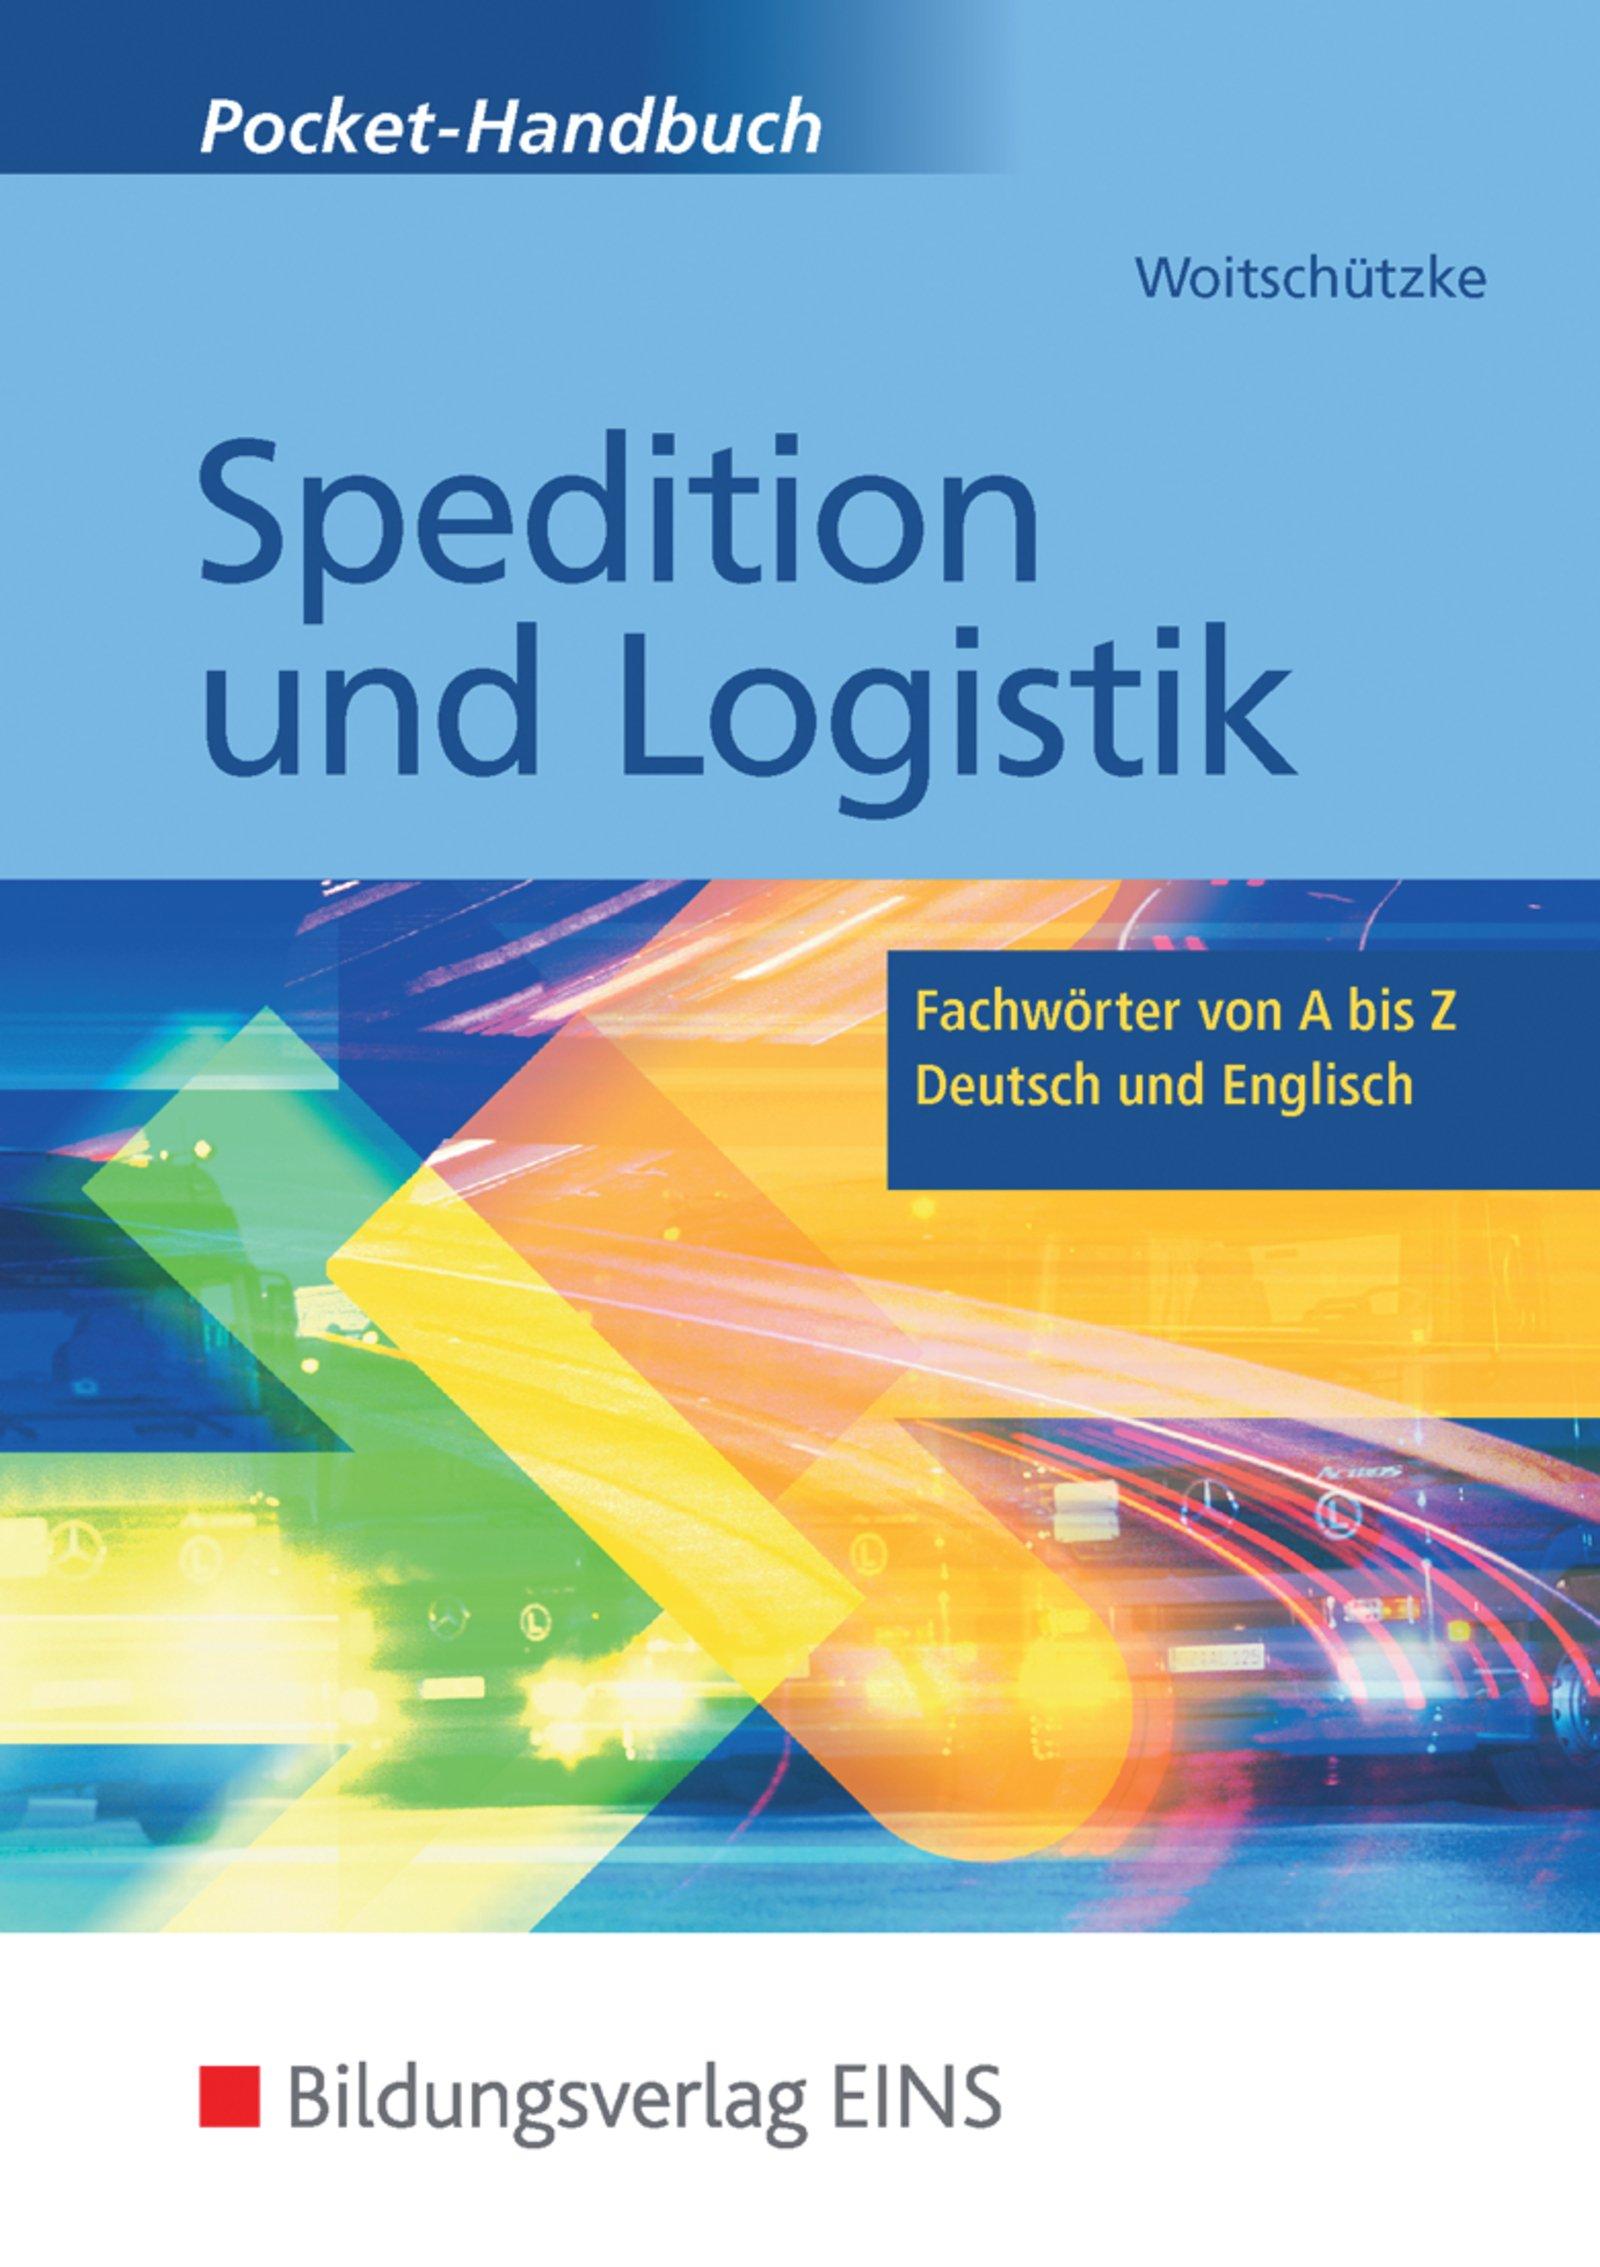 Pocket-Handbuch Spedition und Logistik: Fachwörter von A bis Z - Deutsch und Englisch: Lexikon